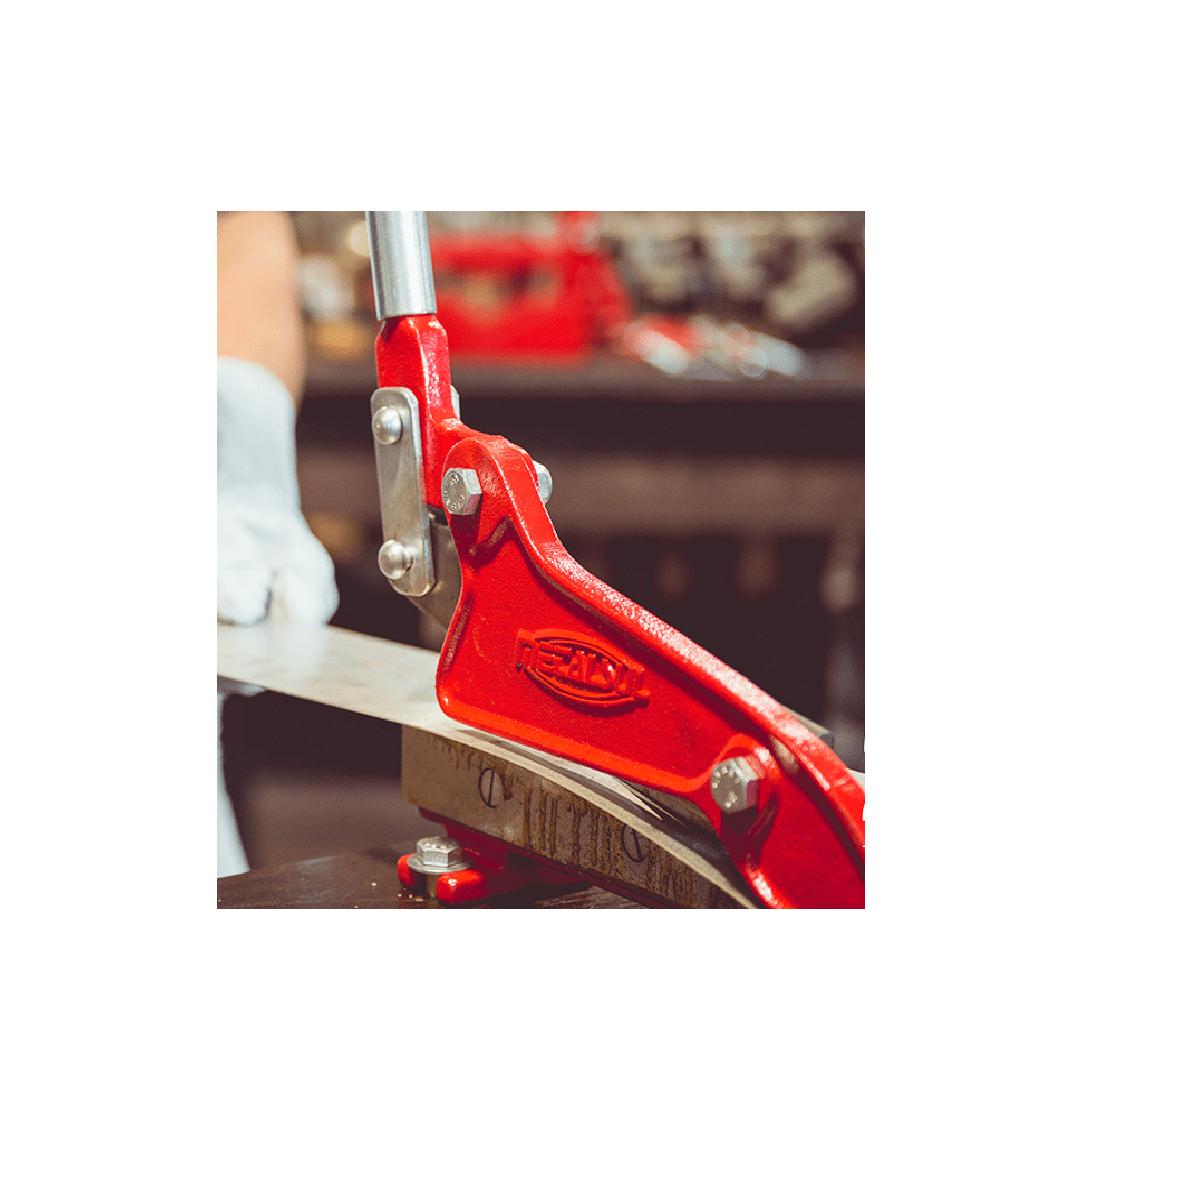 Tesoura Máquina de Cortar Chapa Nº4 - Metalsul